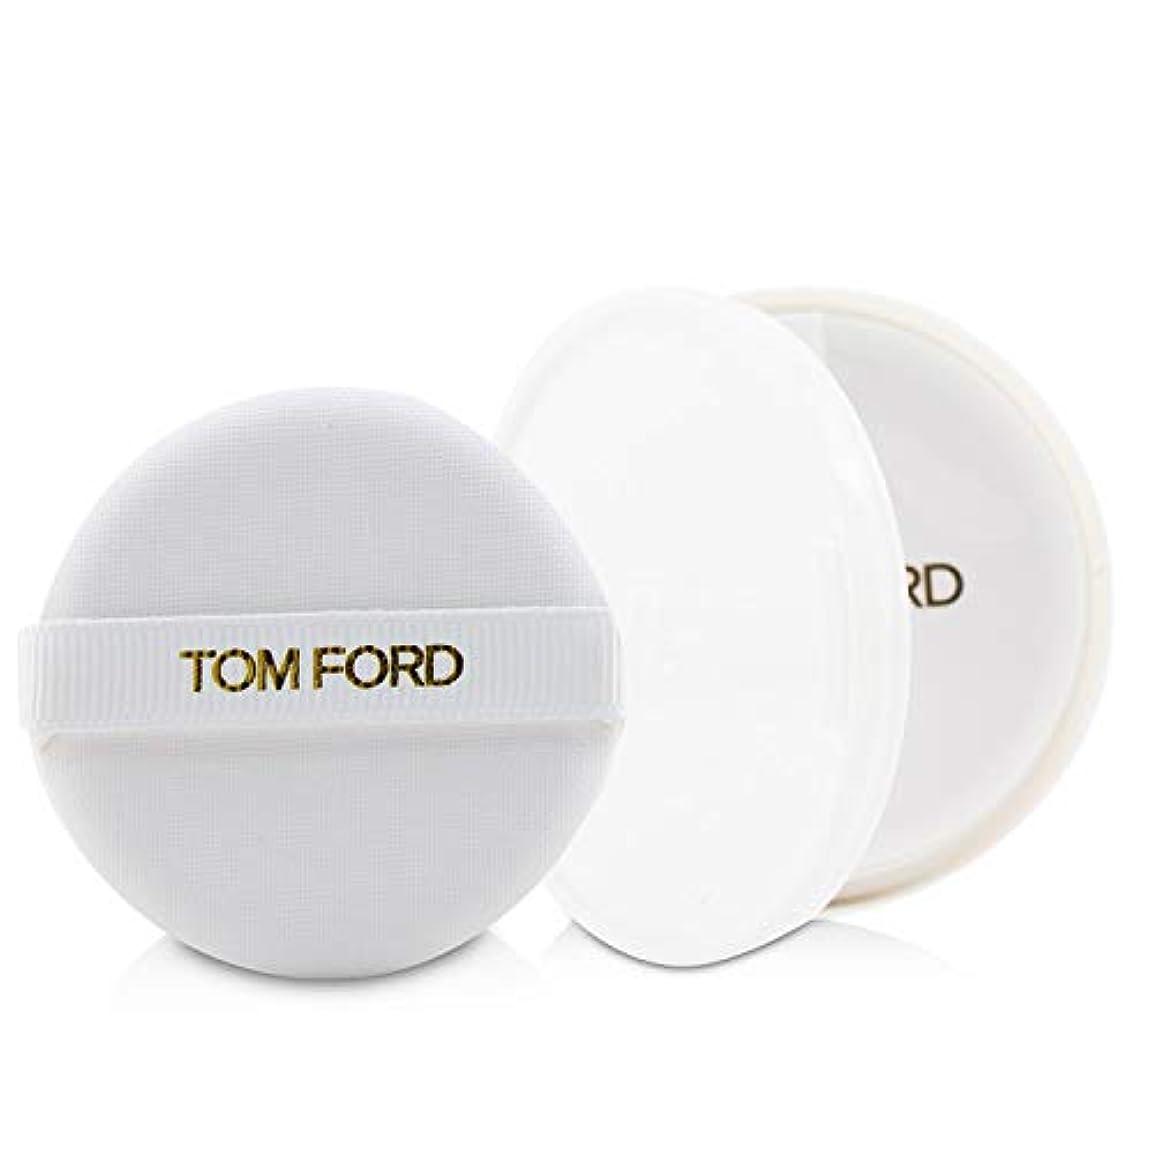 私たち管理一緒にTOM FORD BEAUTY(トム フォード ビューティ) ソレイユ グロウ トーン アップ ファンデーション SPF40 ハイドレーティング クッション コンパクト<レフィル> 12g (1 ローズ グロウ トーン アップ<レフィル>)